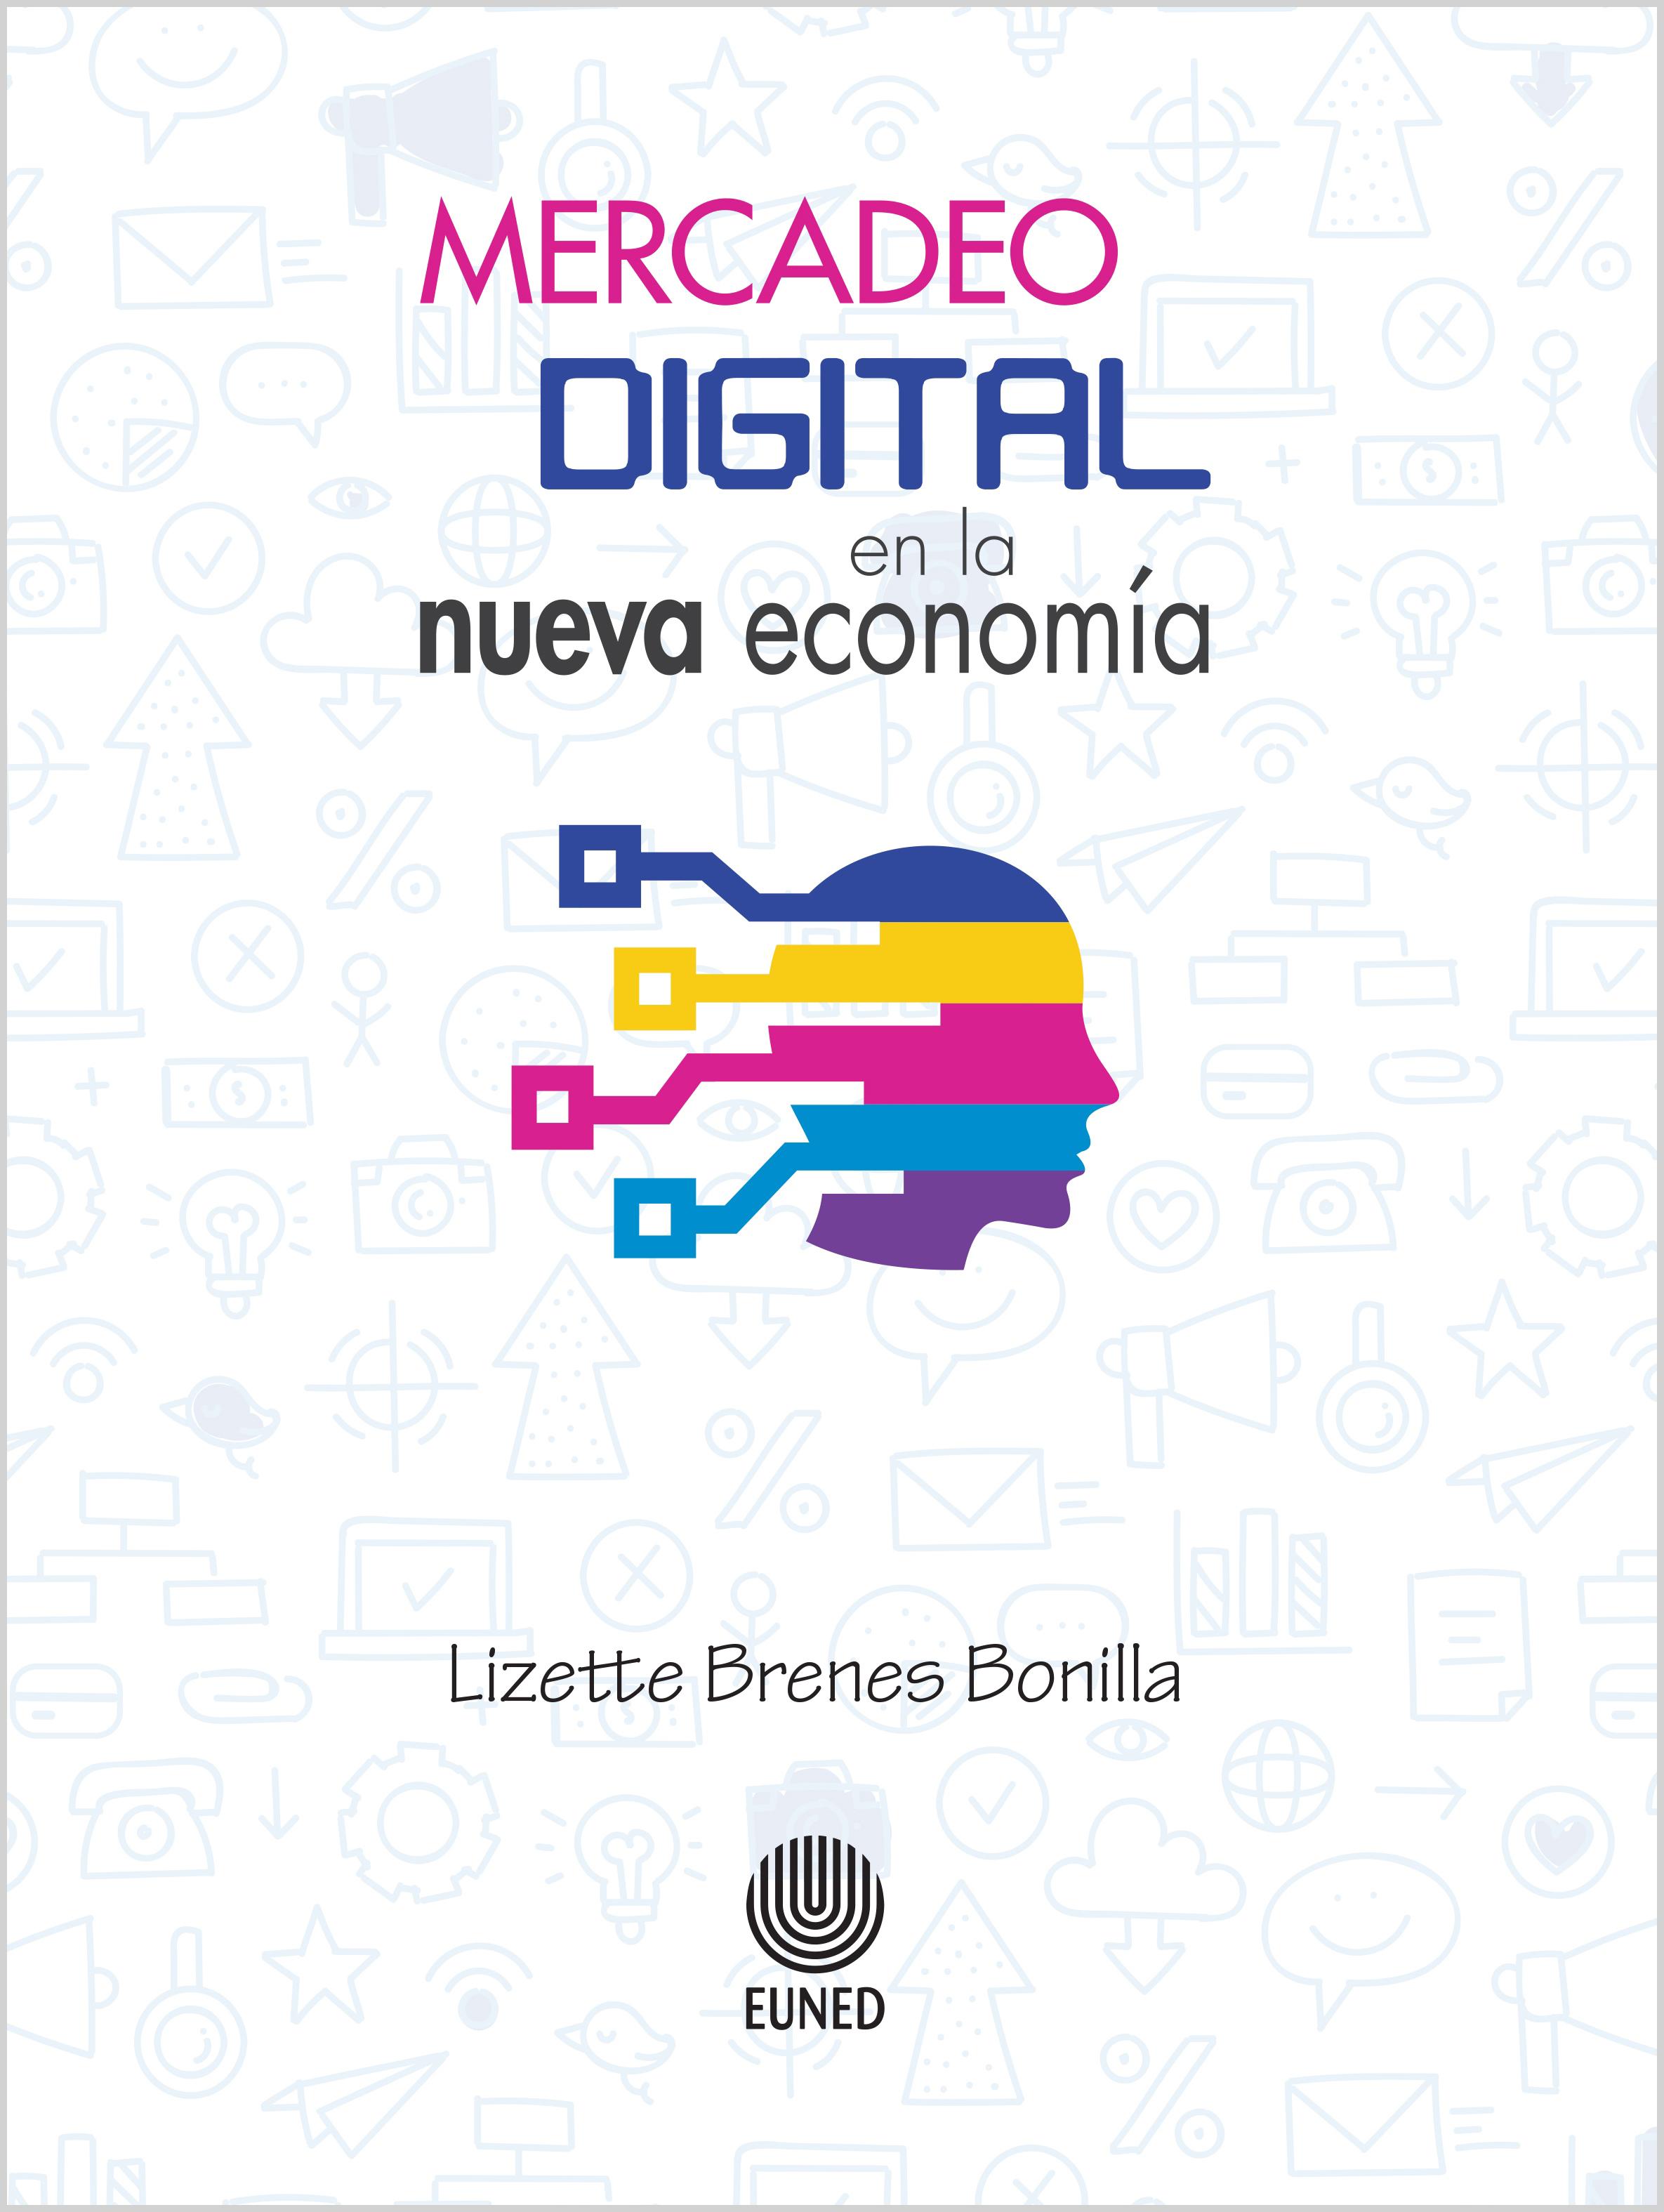 Mercadeo digital en la nueva economía